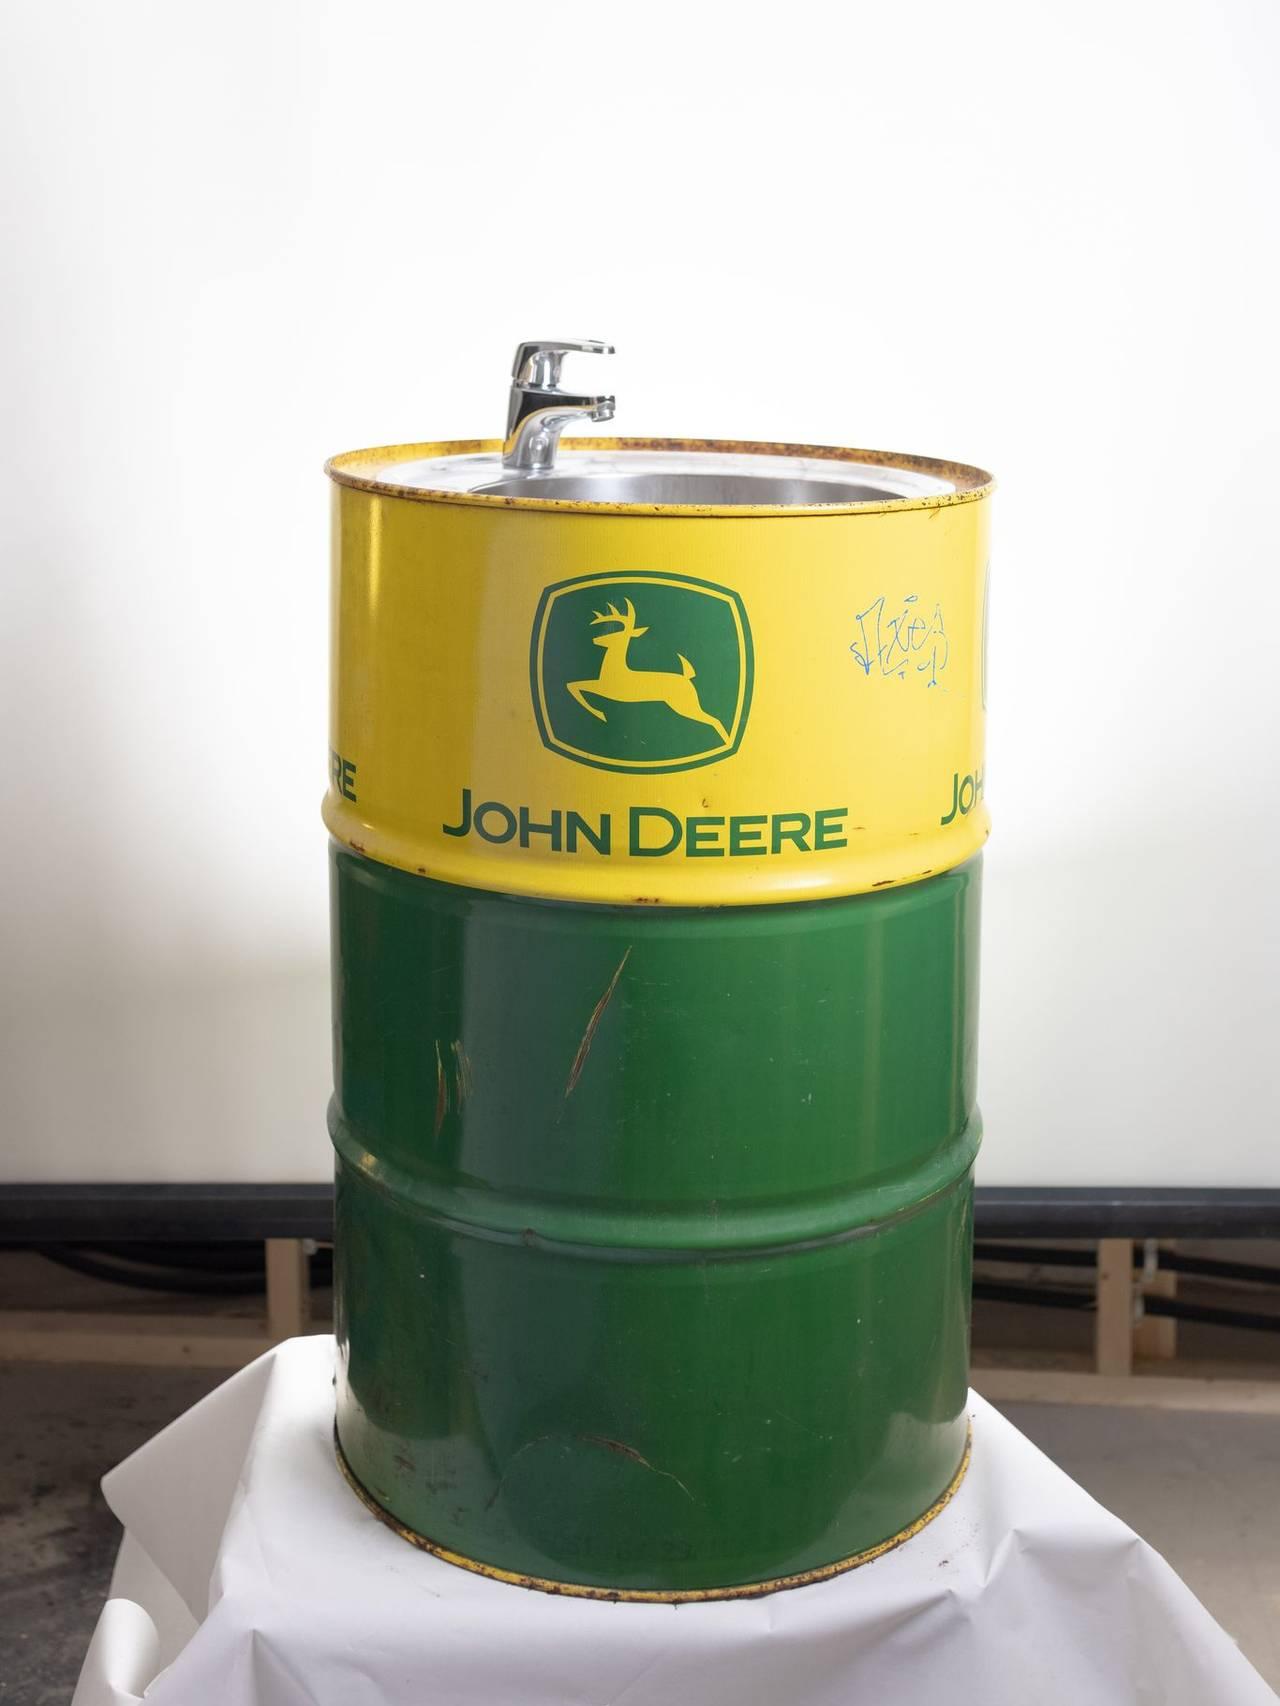 En vask laget av et John Deere-oljefat